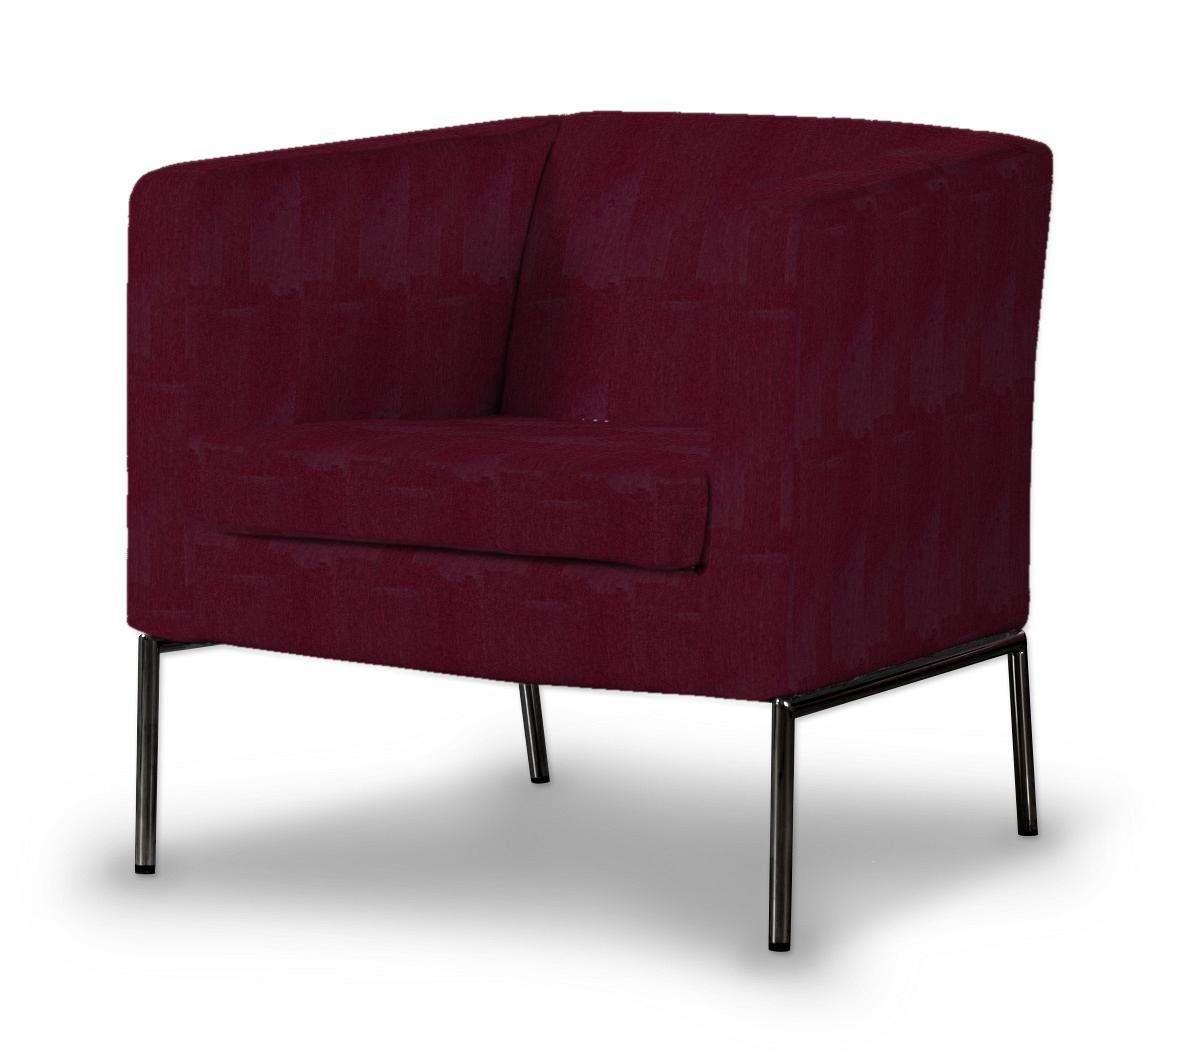 Pokrowiec na fotel Klappsta Fotel Klappsta w kolekcji Chenille, tkanina: 702-19